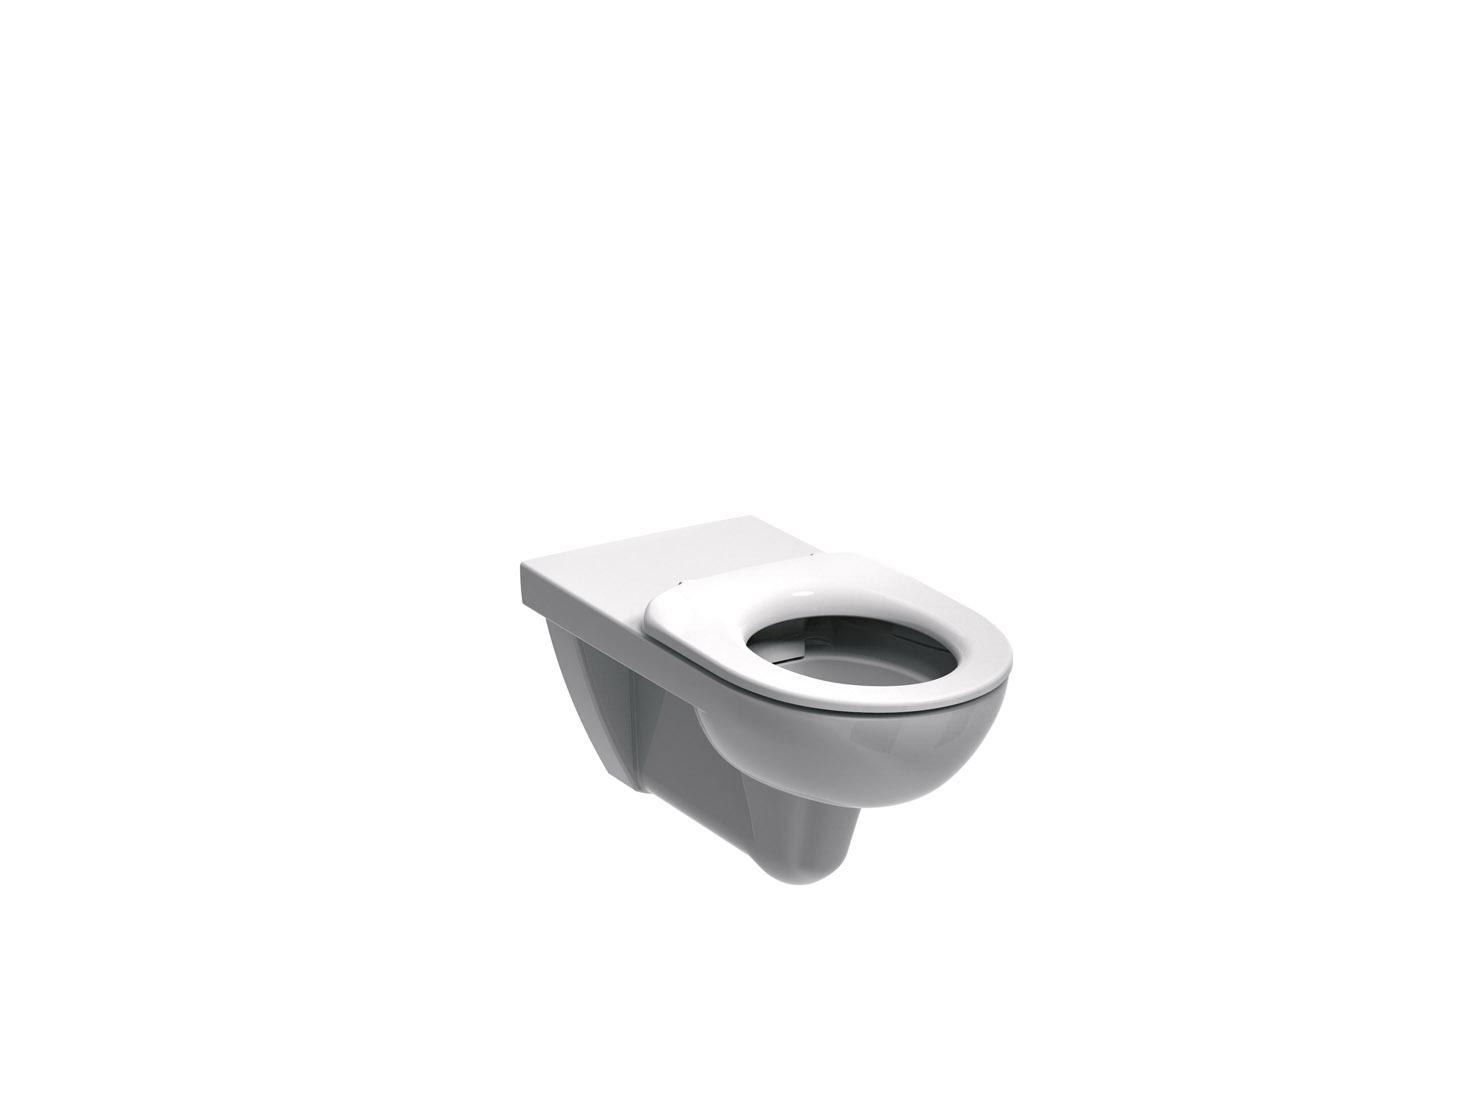 Kolo Nova Pro Bez Bariér - WC závěsné Rimfree pro tělesně postižené, bez sedátka M33520000